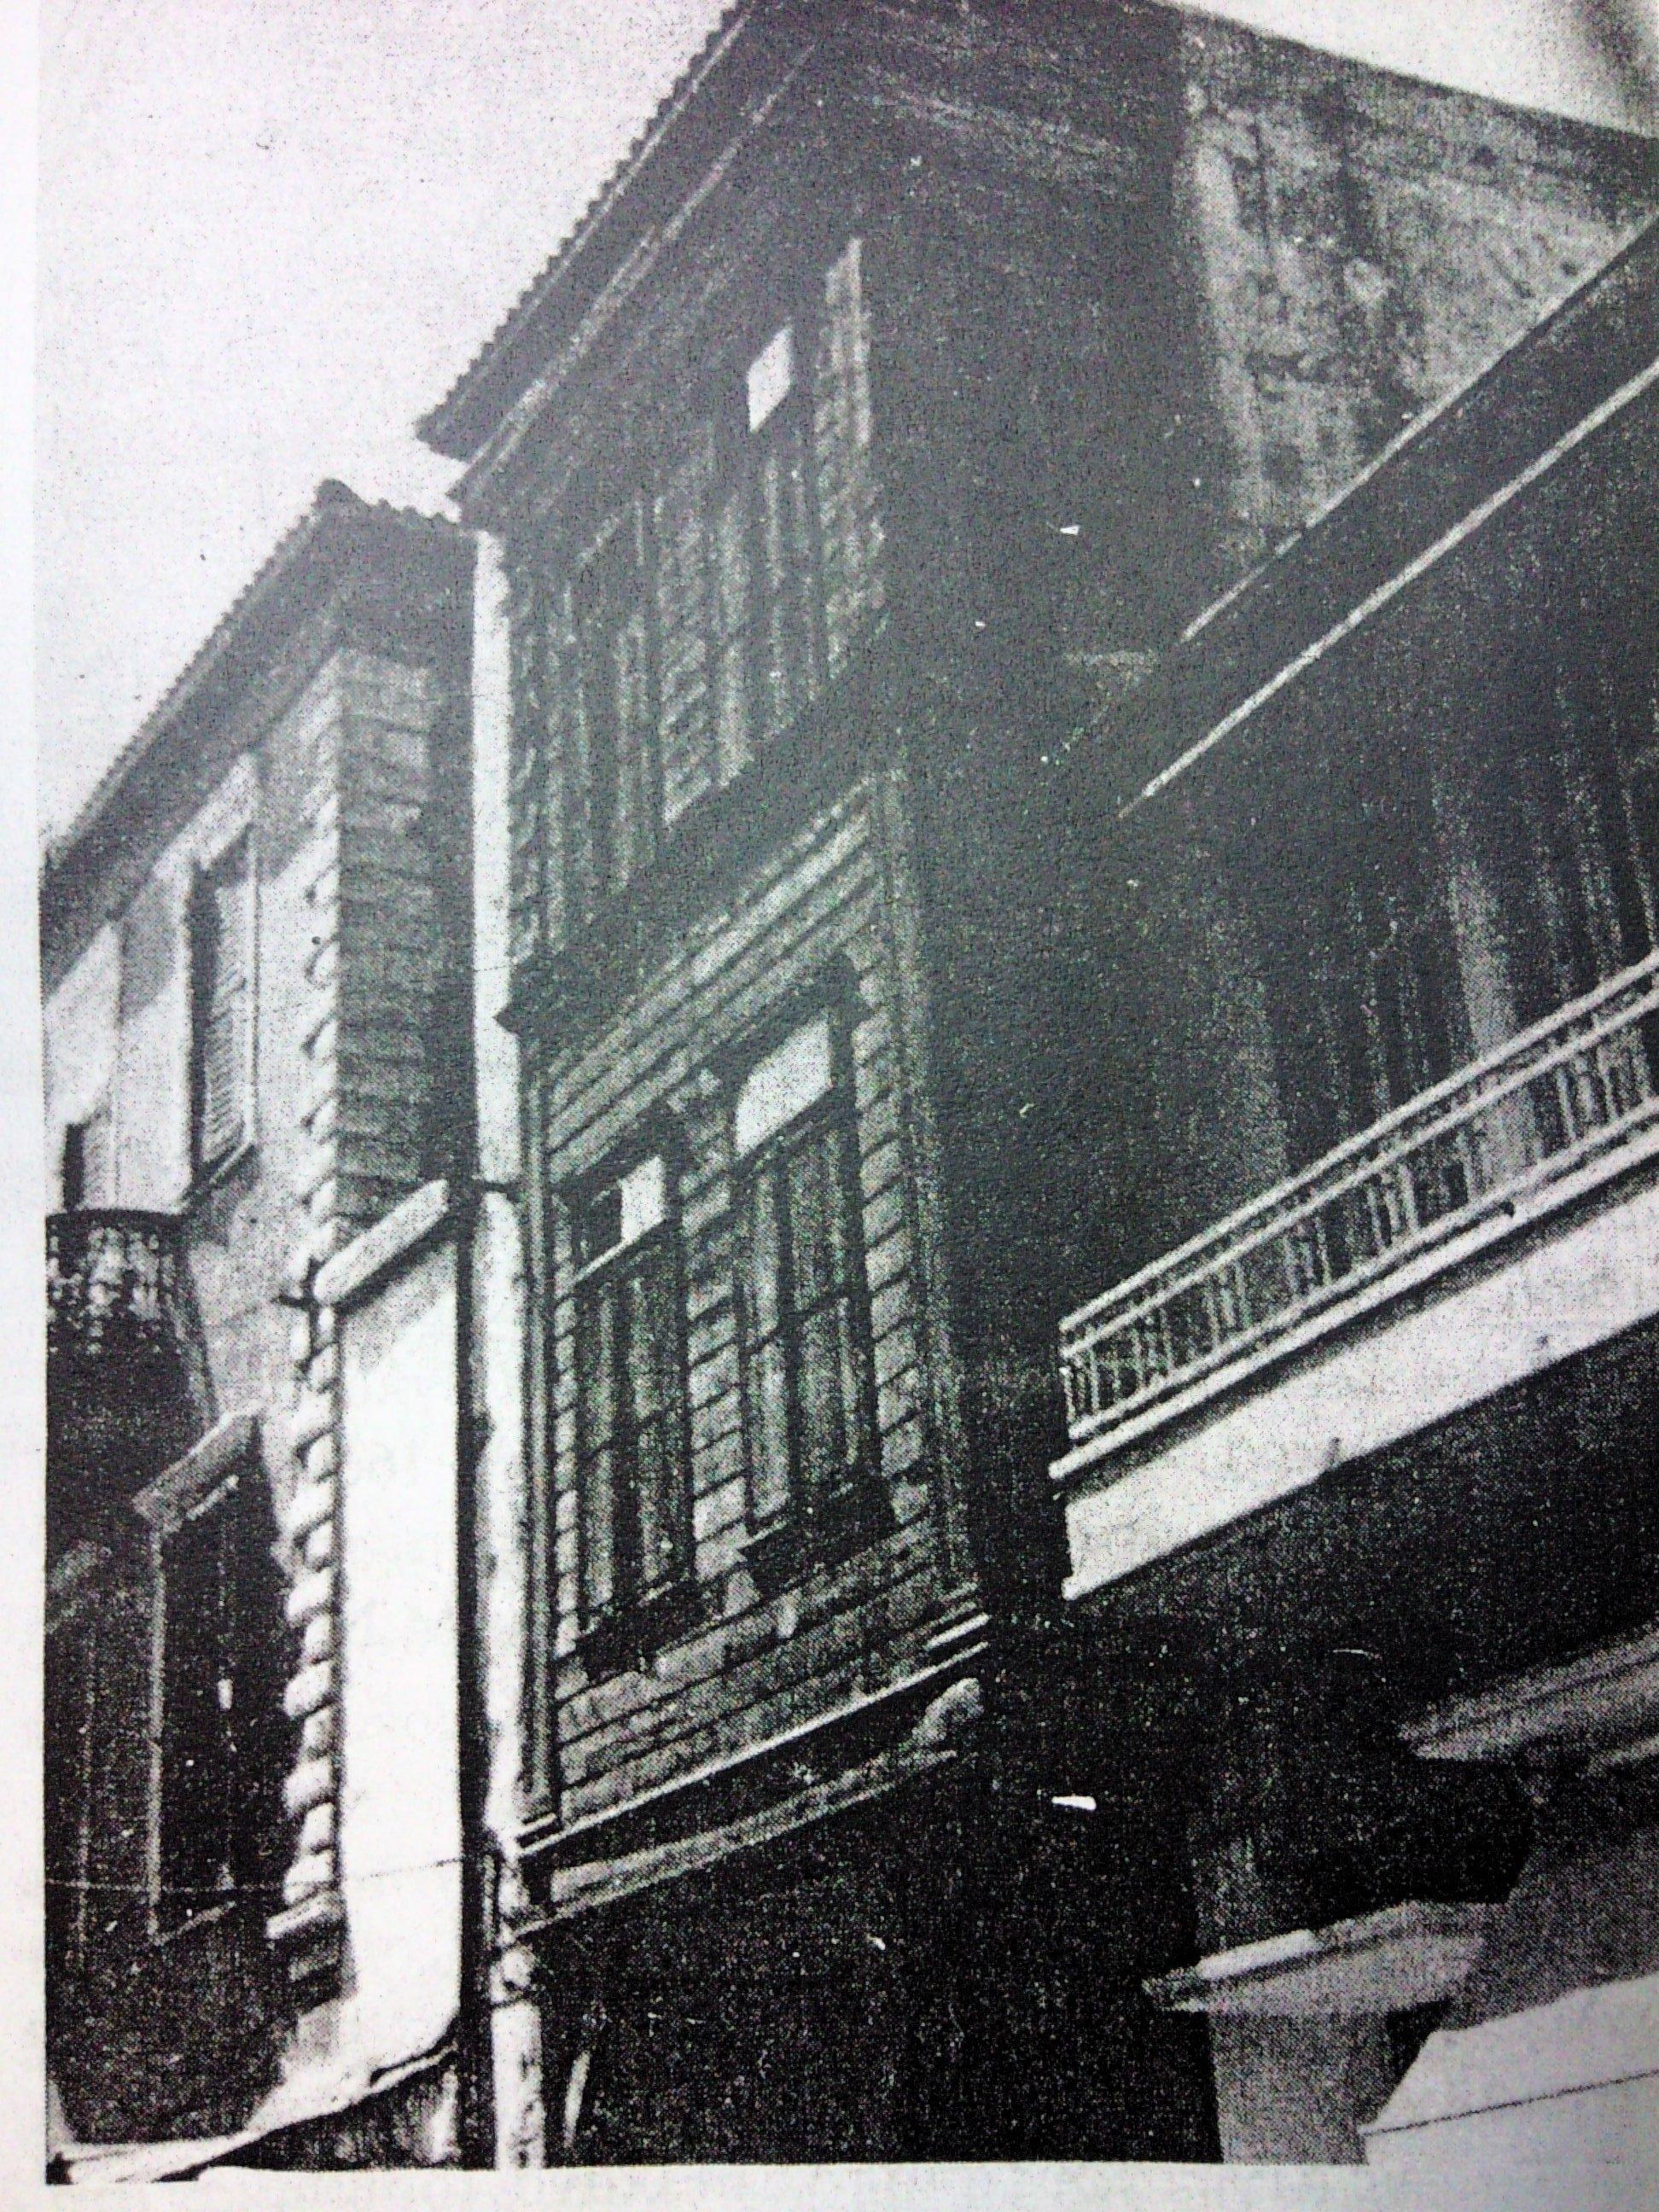 ^ Πρώτο κρατικό νοσοκομείο επι της οδού Αρκαδίου, όπως σώζεται σήμερα